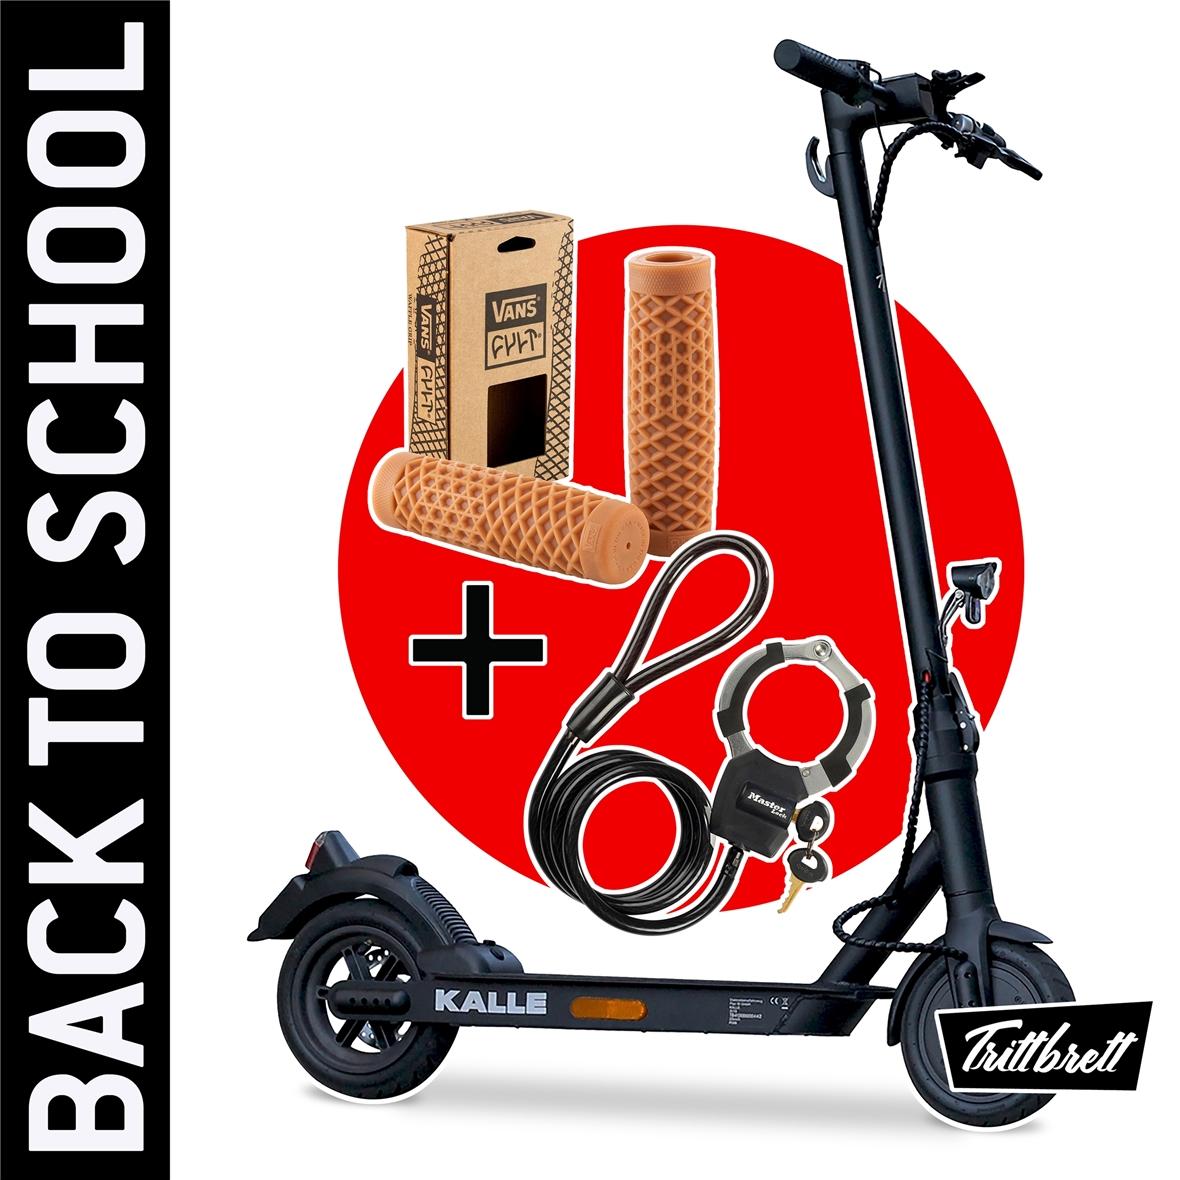 """Immagine del prodotto per 'E-Scooter """"BACK TO SCHOOL"""" Bundle TRITTBRETT Kalle con maniglie VANS (marrone chiaro) e Streetcuff Masterlock'"""